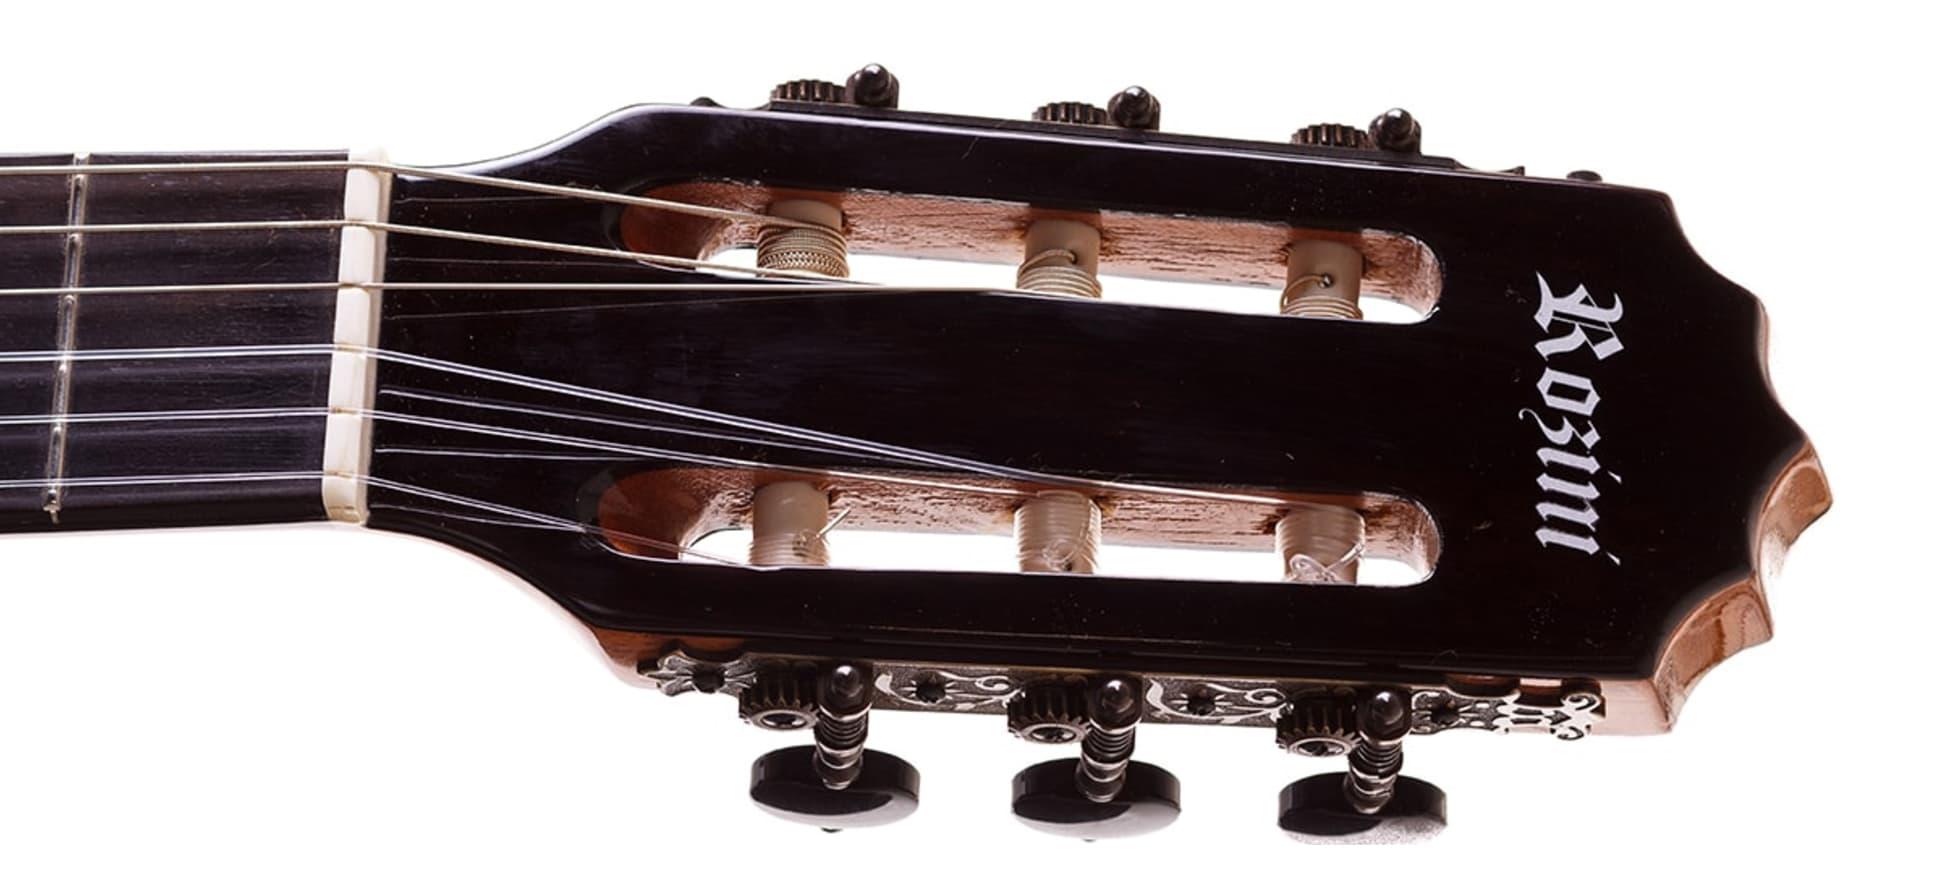 Violão Concertista Clássico AcNatural (nl) Rozini com estojo RX216ACN